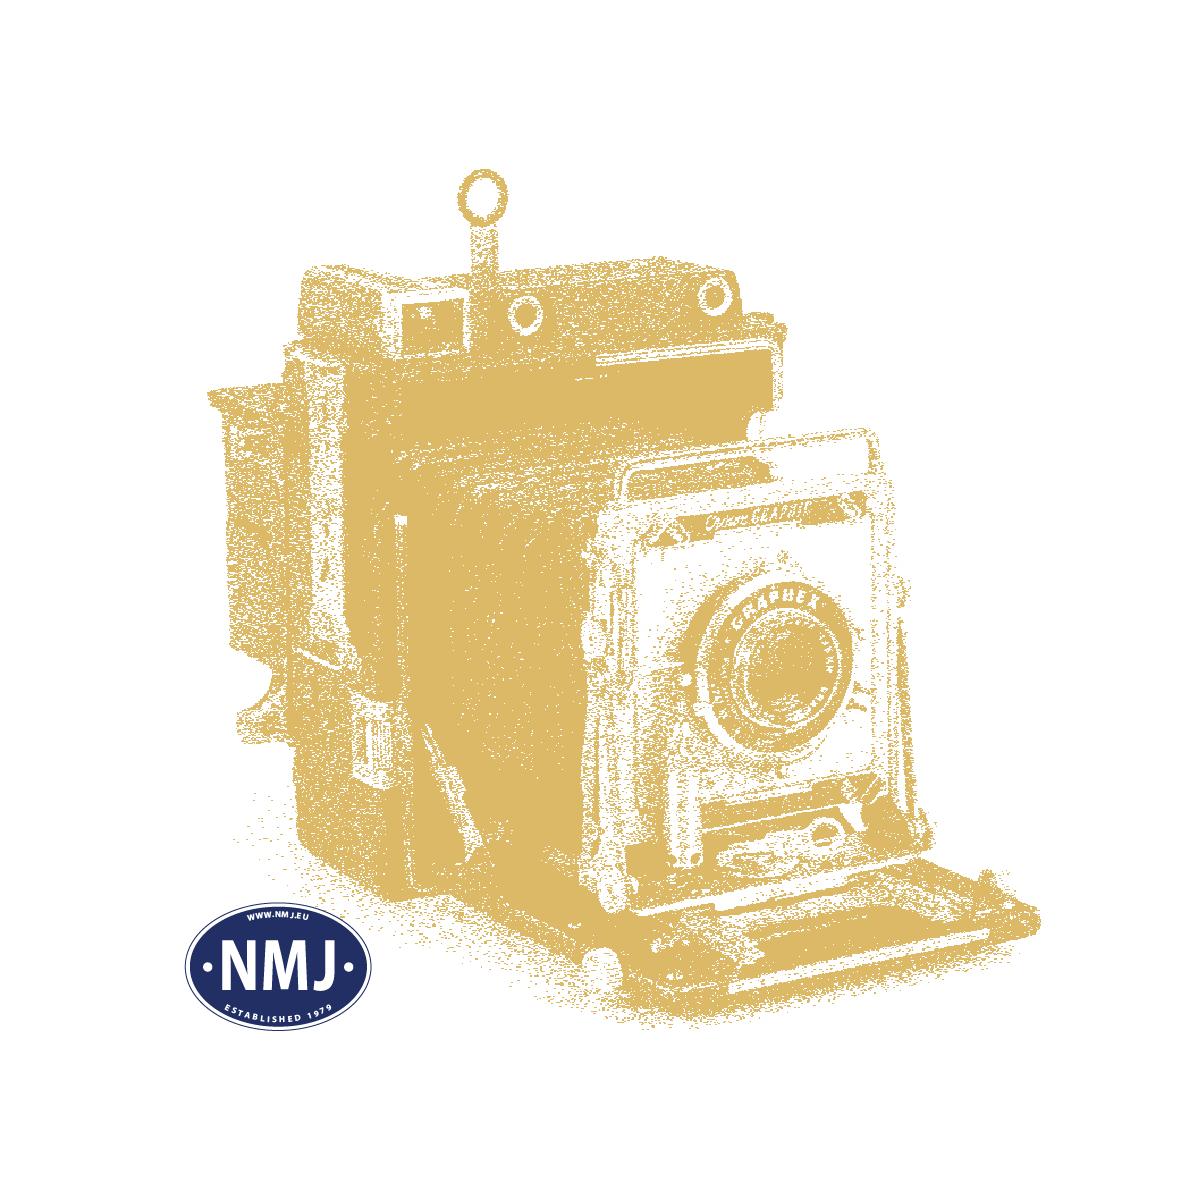 NOC08310 - Strøgress, 2,5 mm, Sommereng